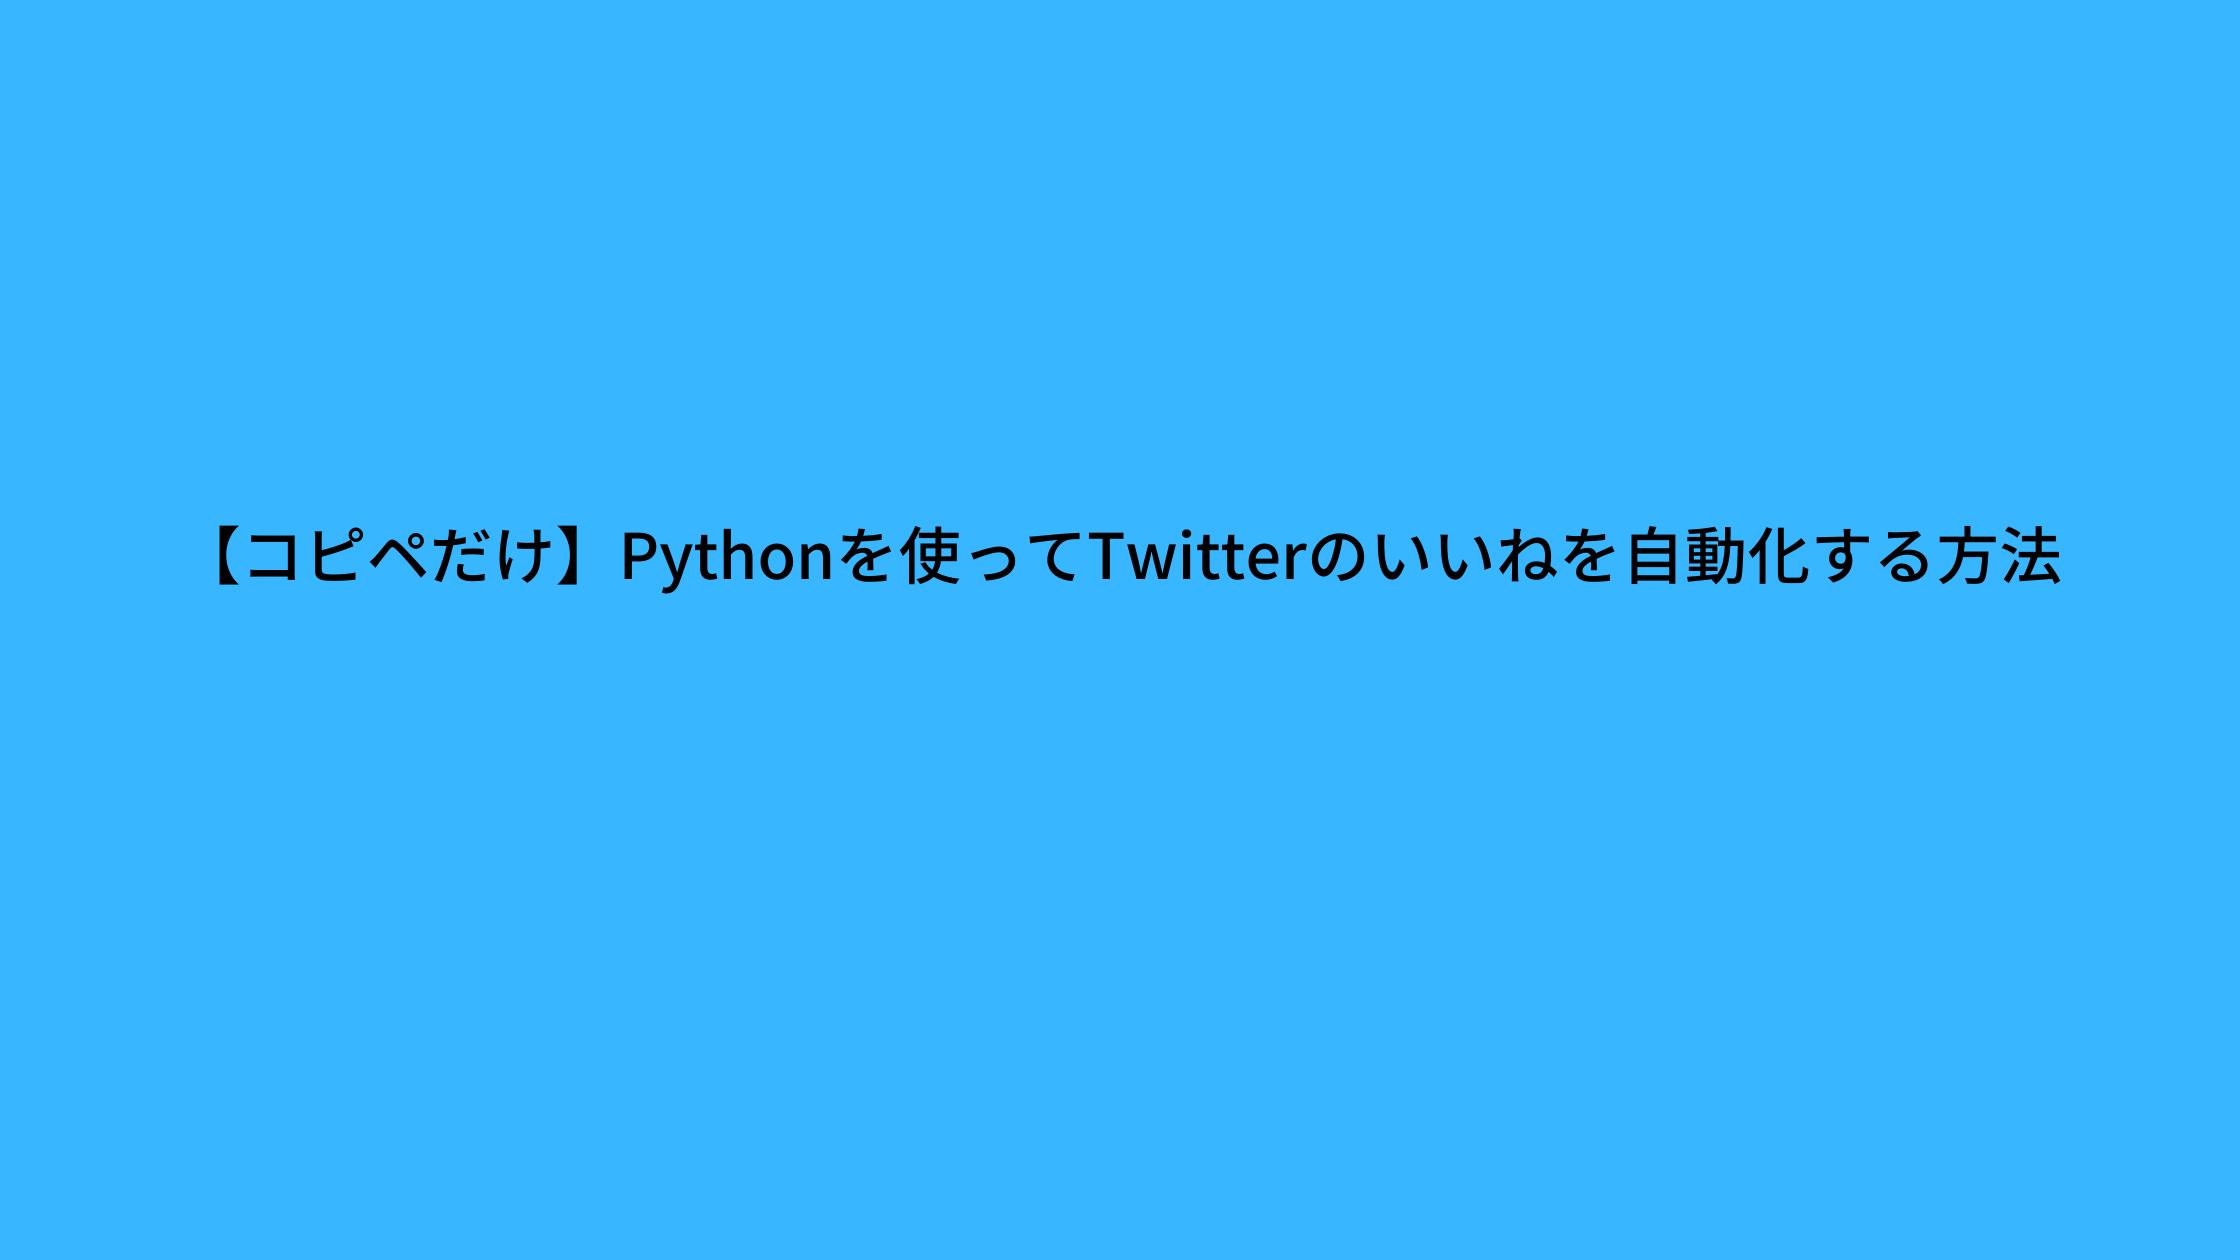 【コピペだけ】PythonでTwitterのいいねを自動化する方法を紹介